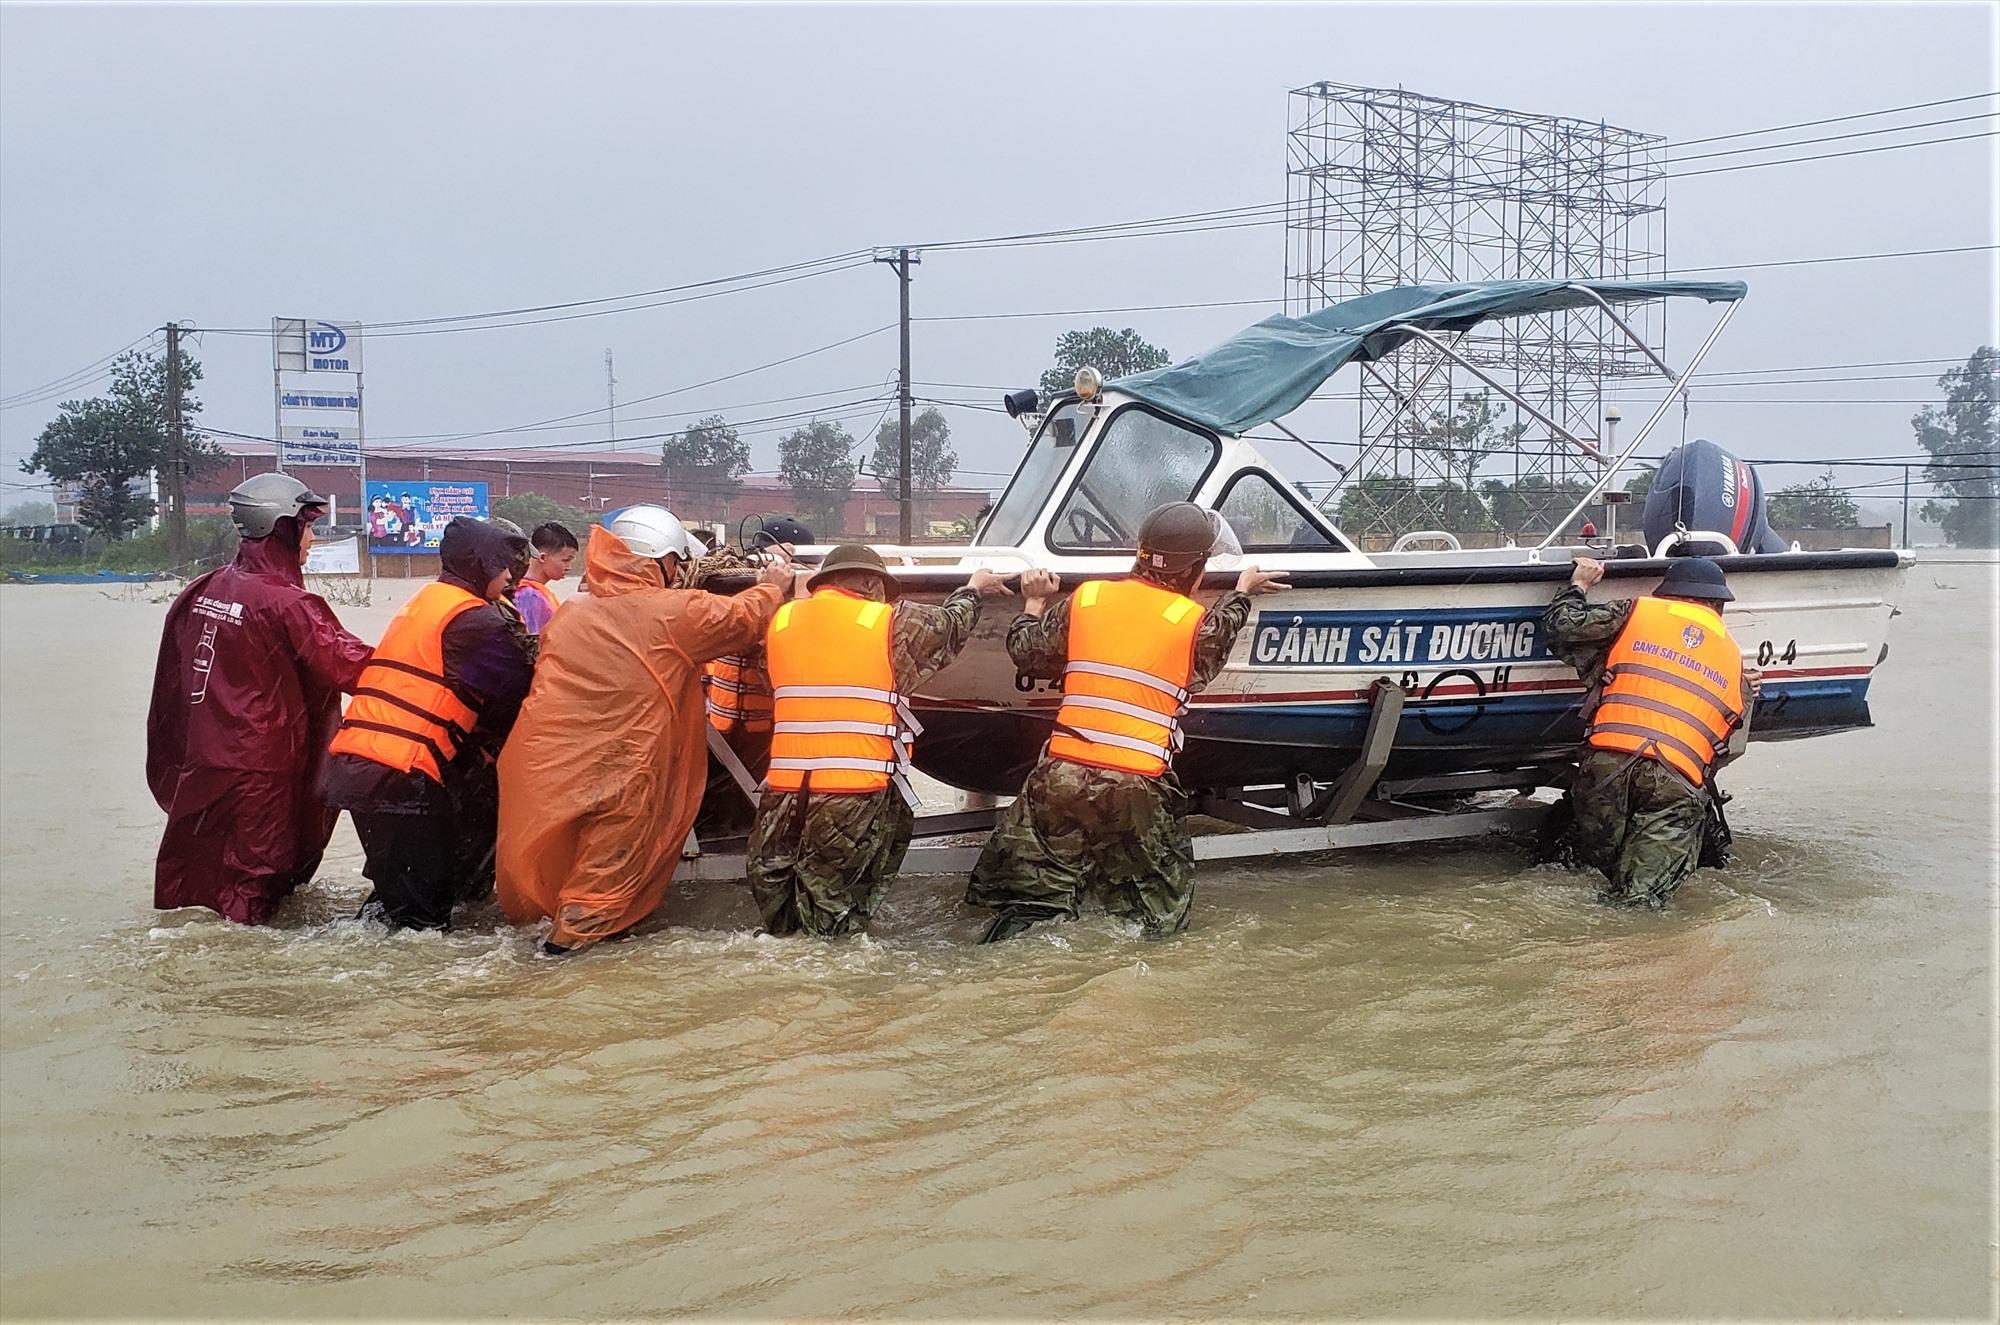 Công an huyện Phú Ninh đưa ca nô sơ tán dân. Ảnh: L.T